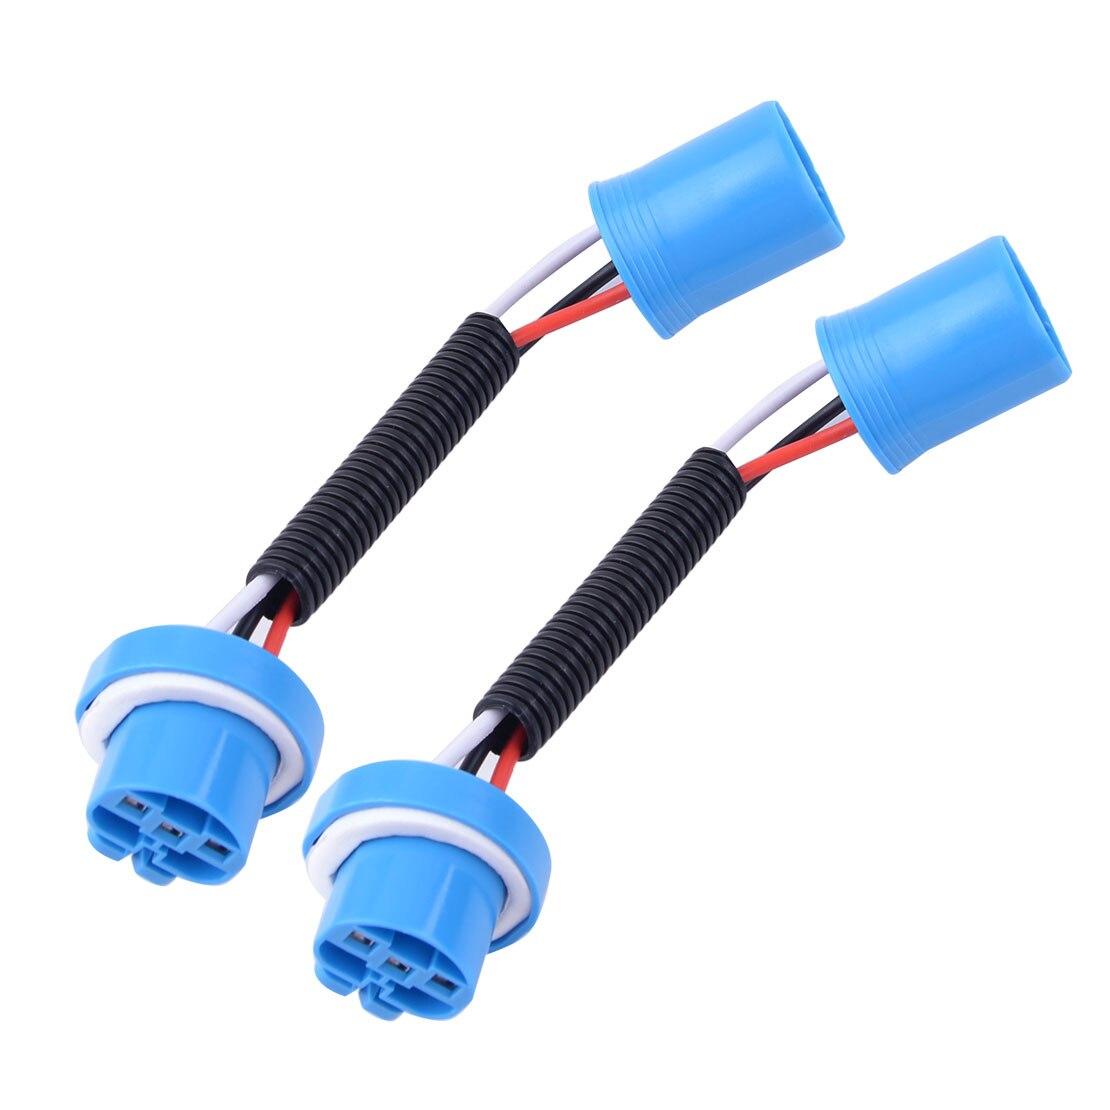 Nouveau 2 pièces phare brouillard conduite lumière Extension câblage harnais prise connecteur pour 9007 9004 HB5 ampoule